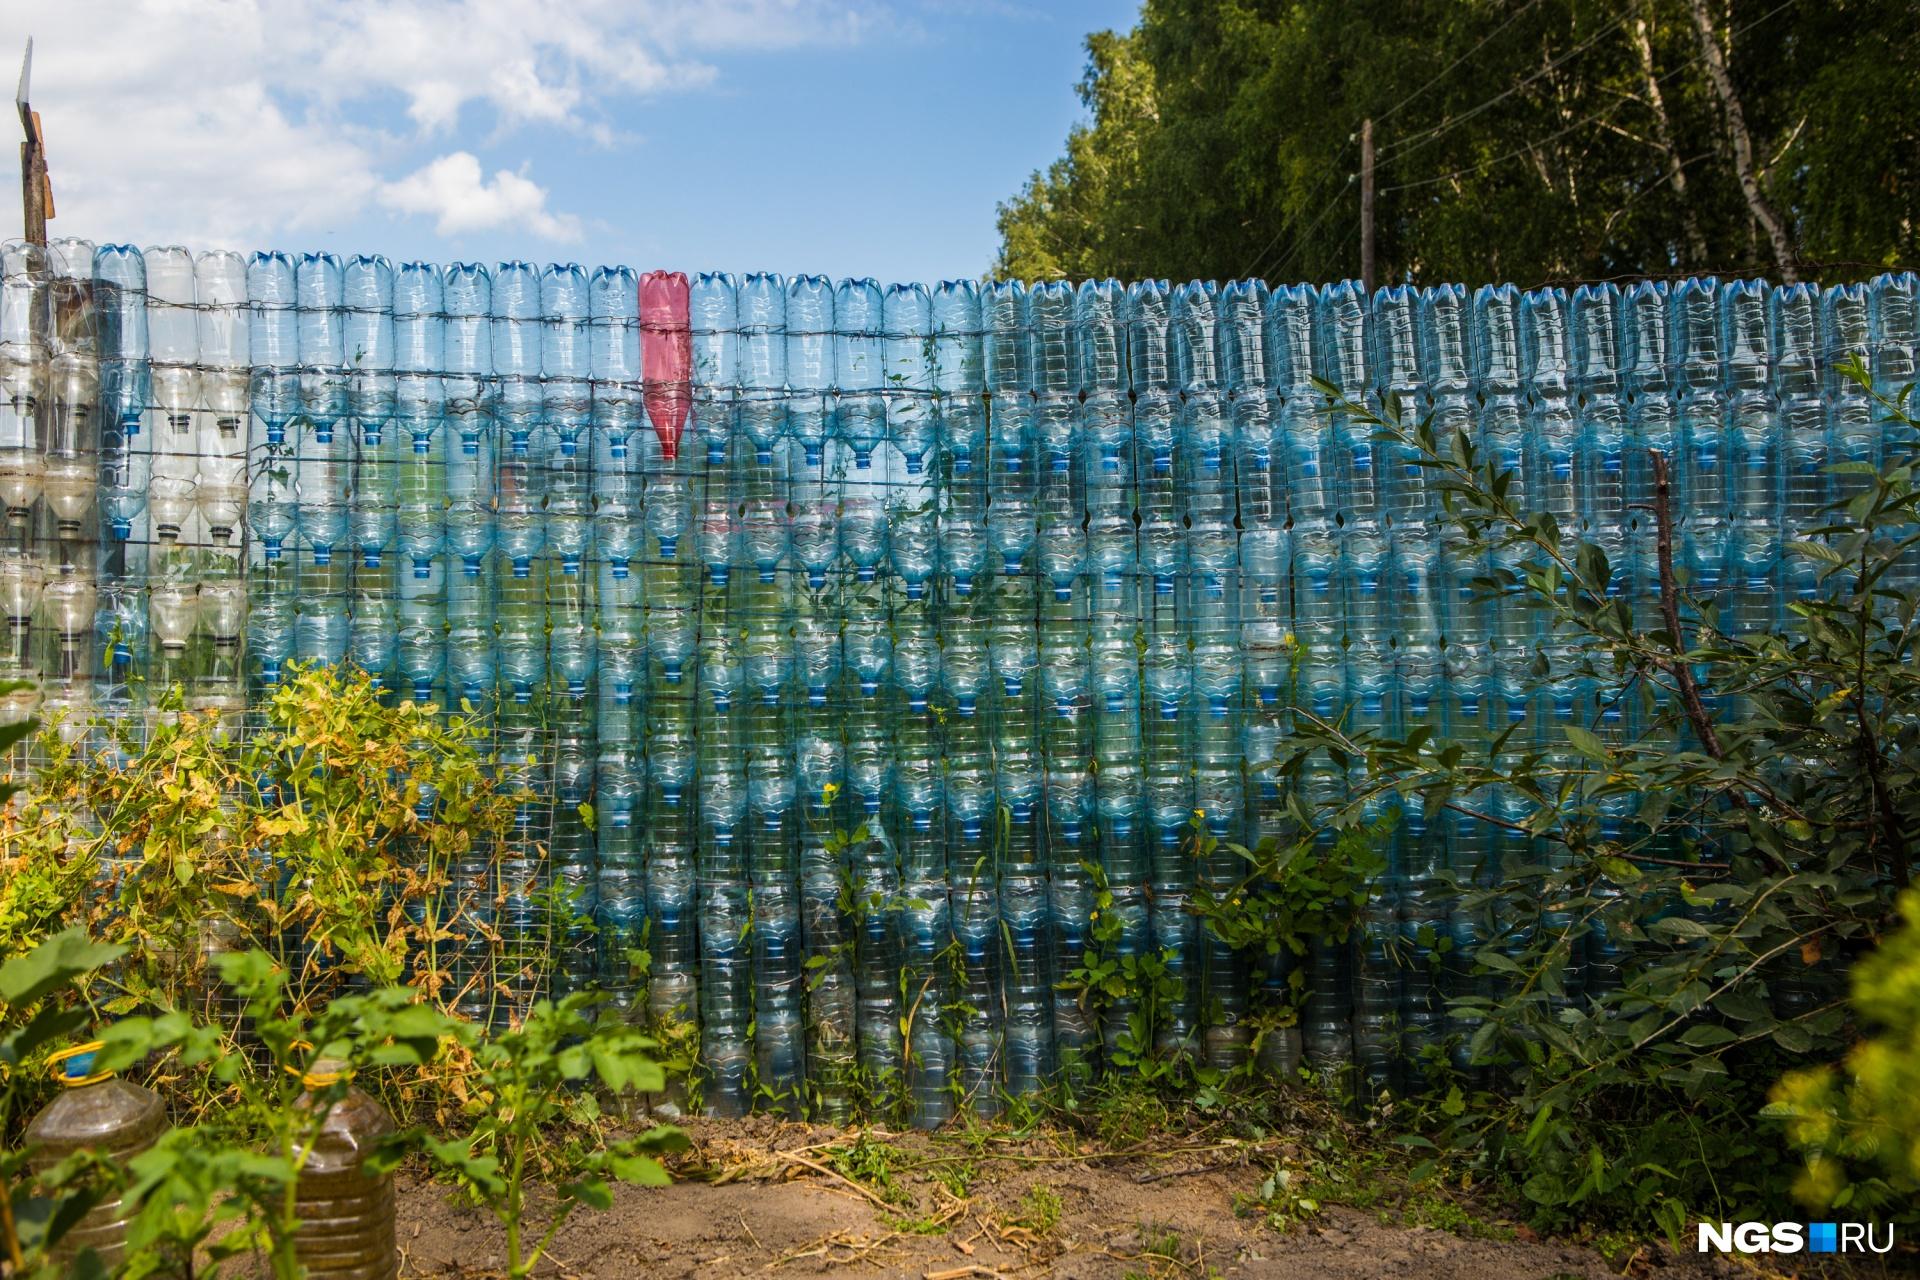 Для заборостроения не каждая бутылка подойдёт!